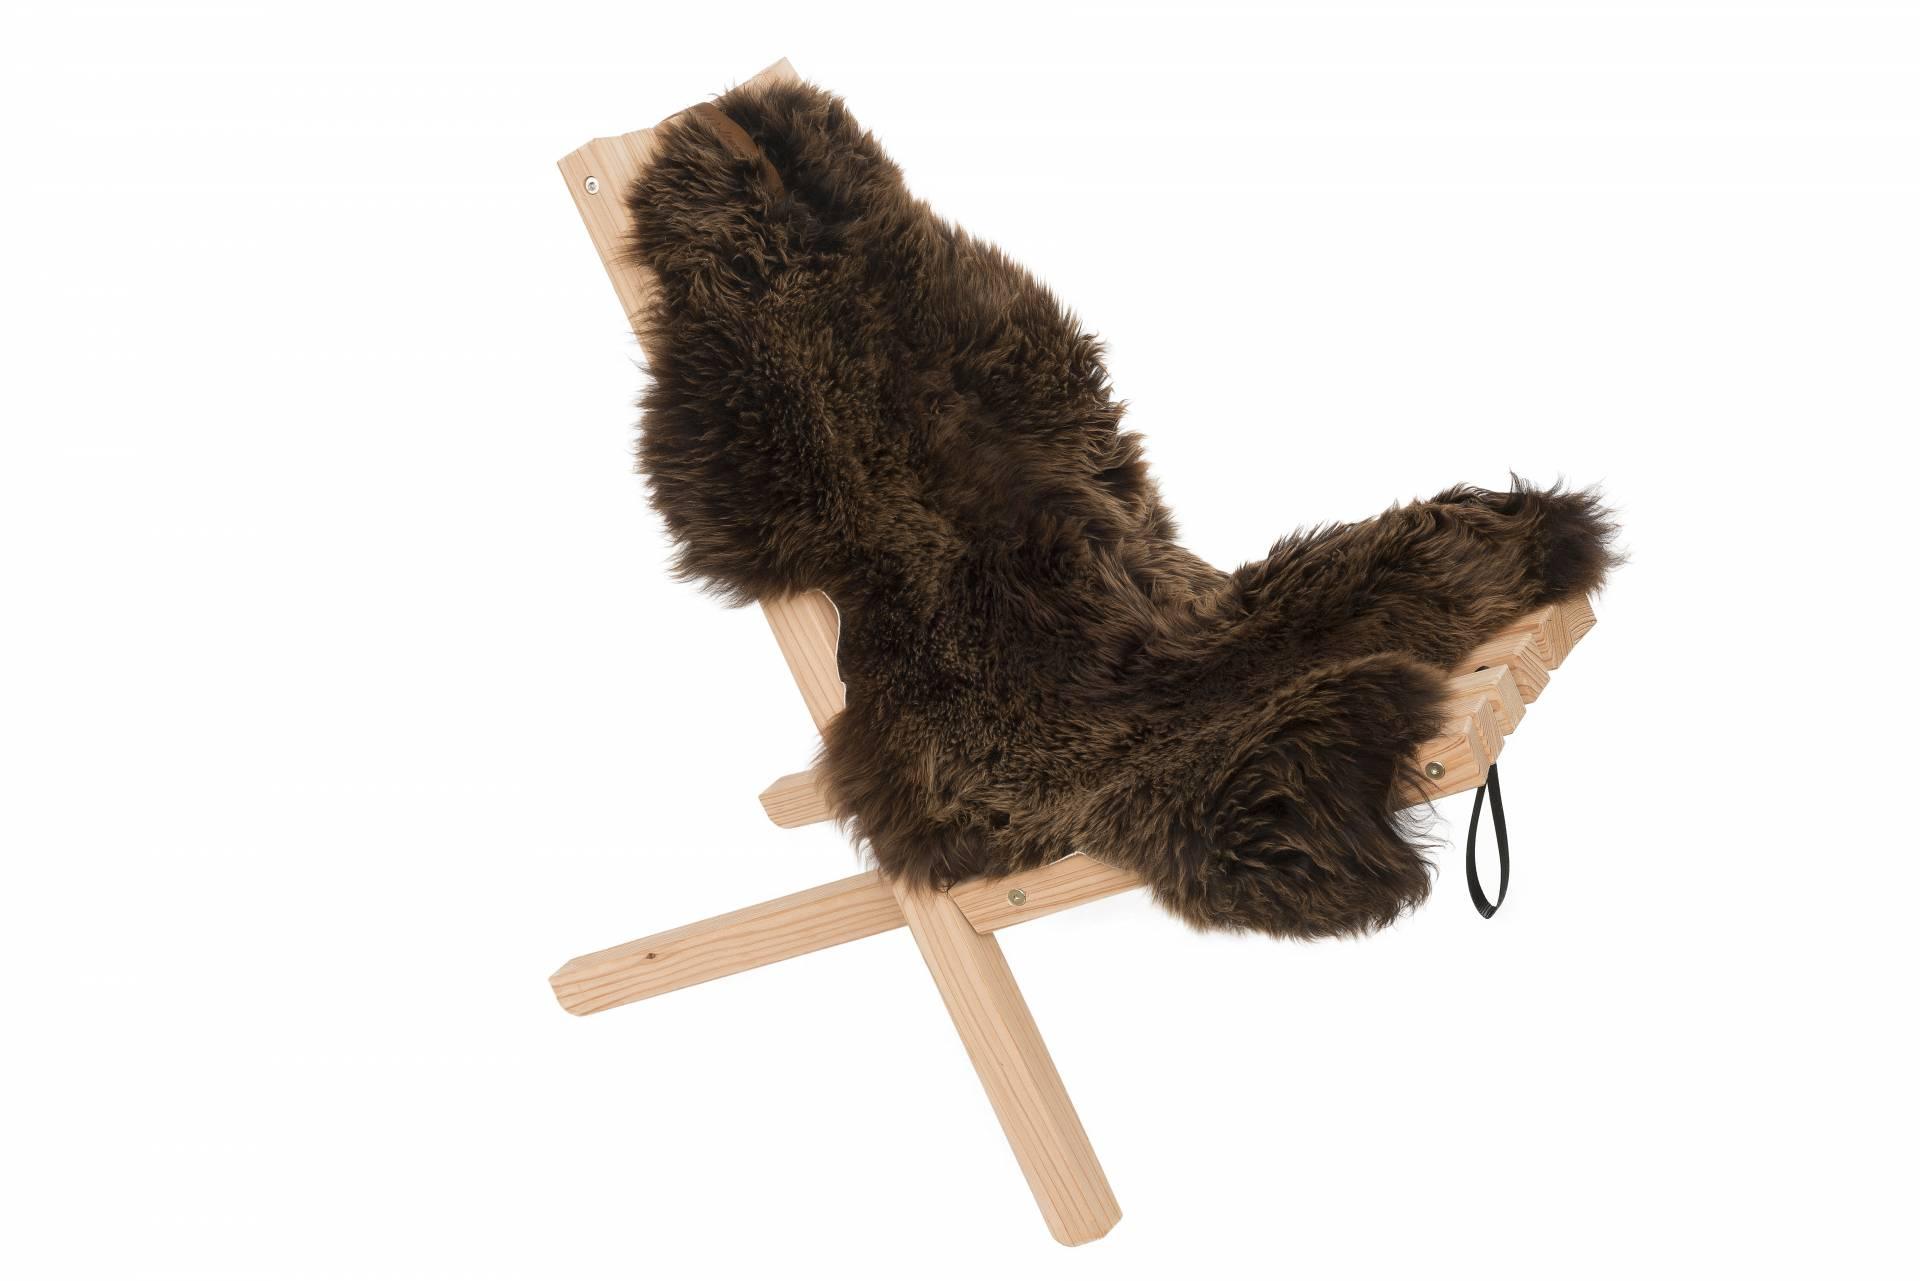 Weltevree fieldchair perfect chair outdoors